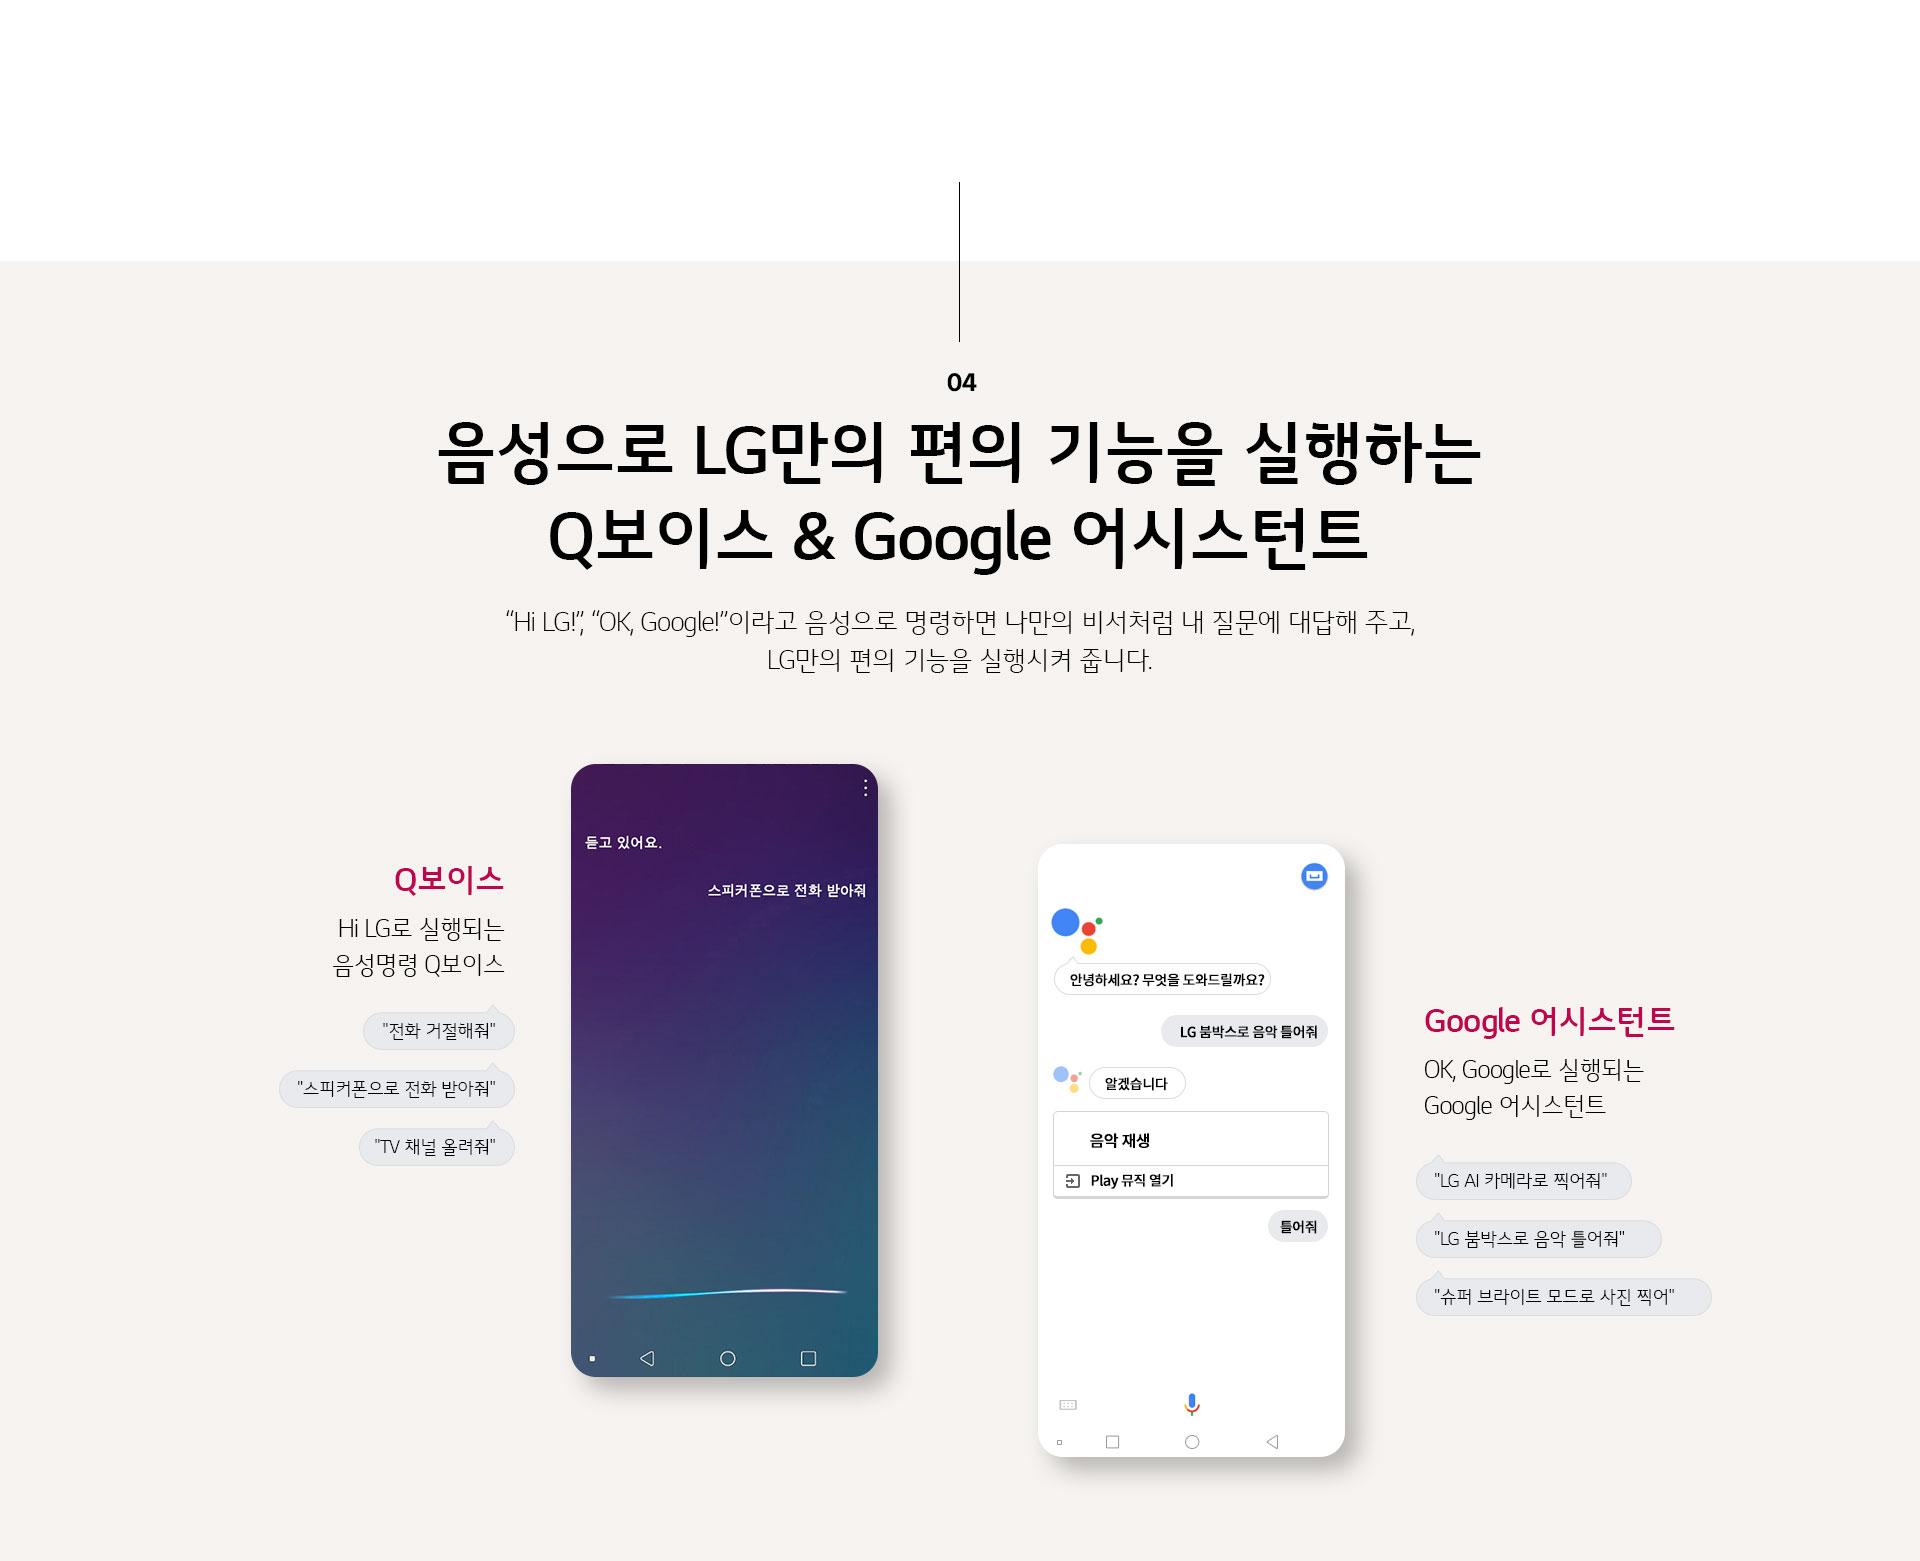 음성으로 LG만의 편의 기능을 실행하는 Q보이스 &  Google 어시스턴트